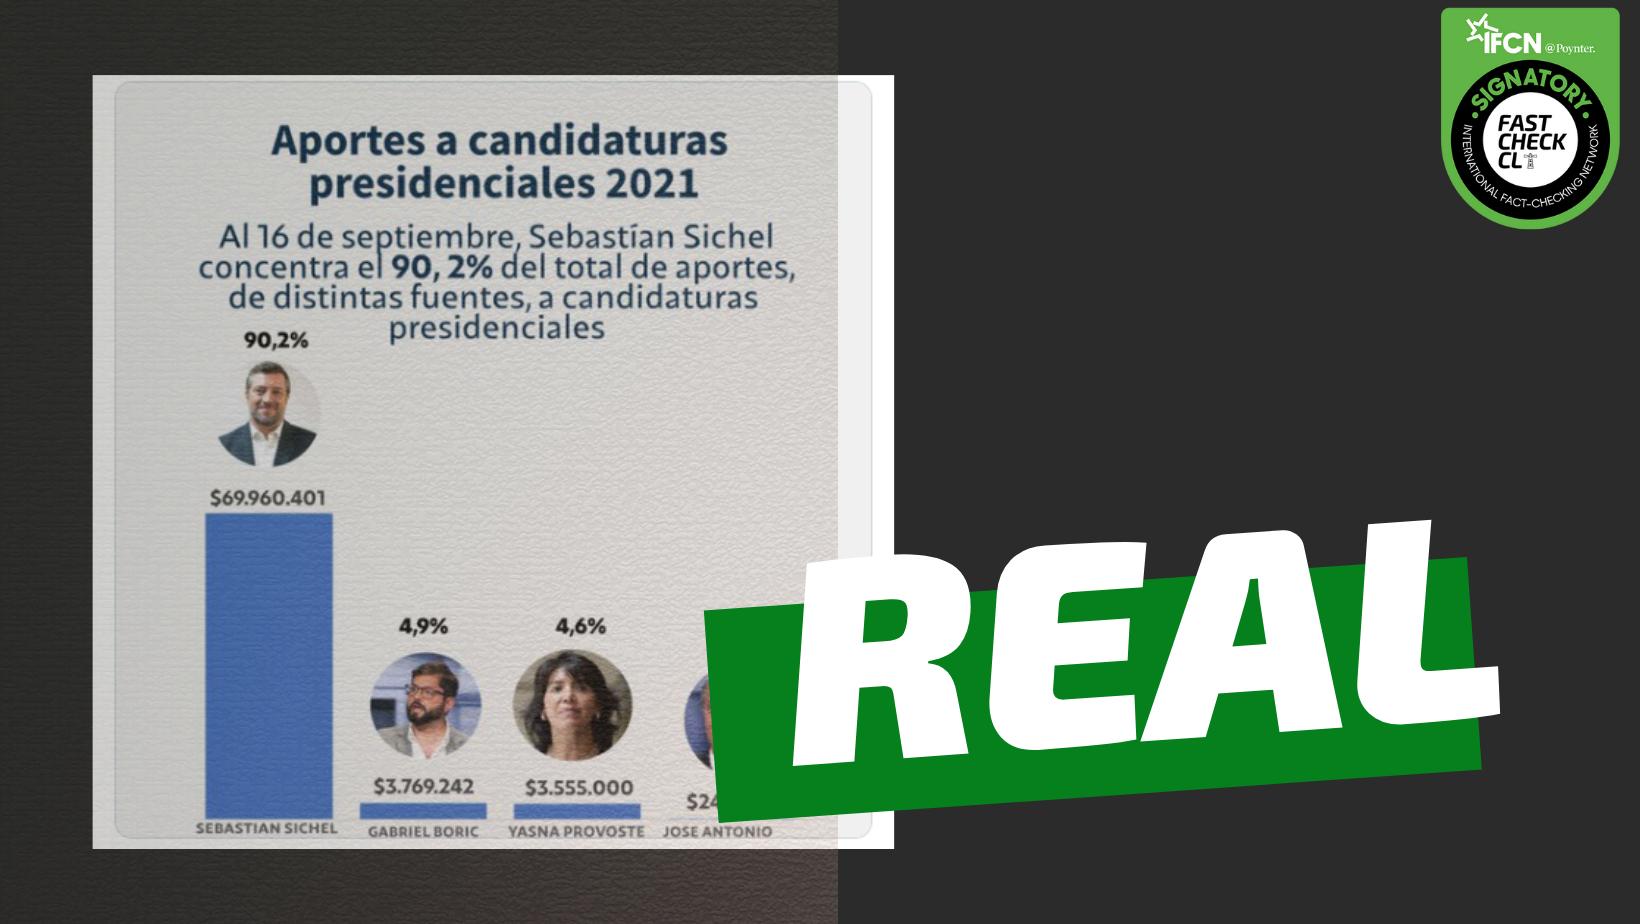 Read more about the article Sebastián Sichel es el candidato presidencial con más aportes de campaña: #Real